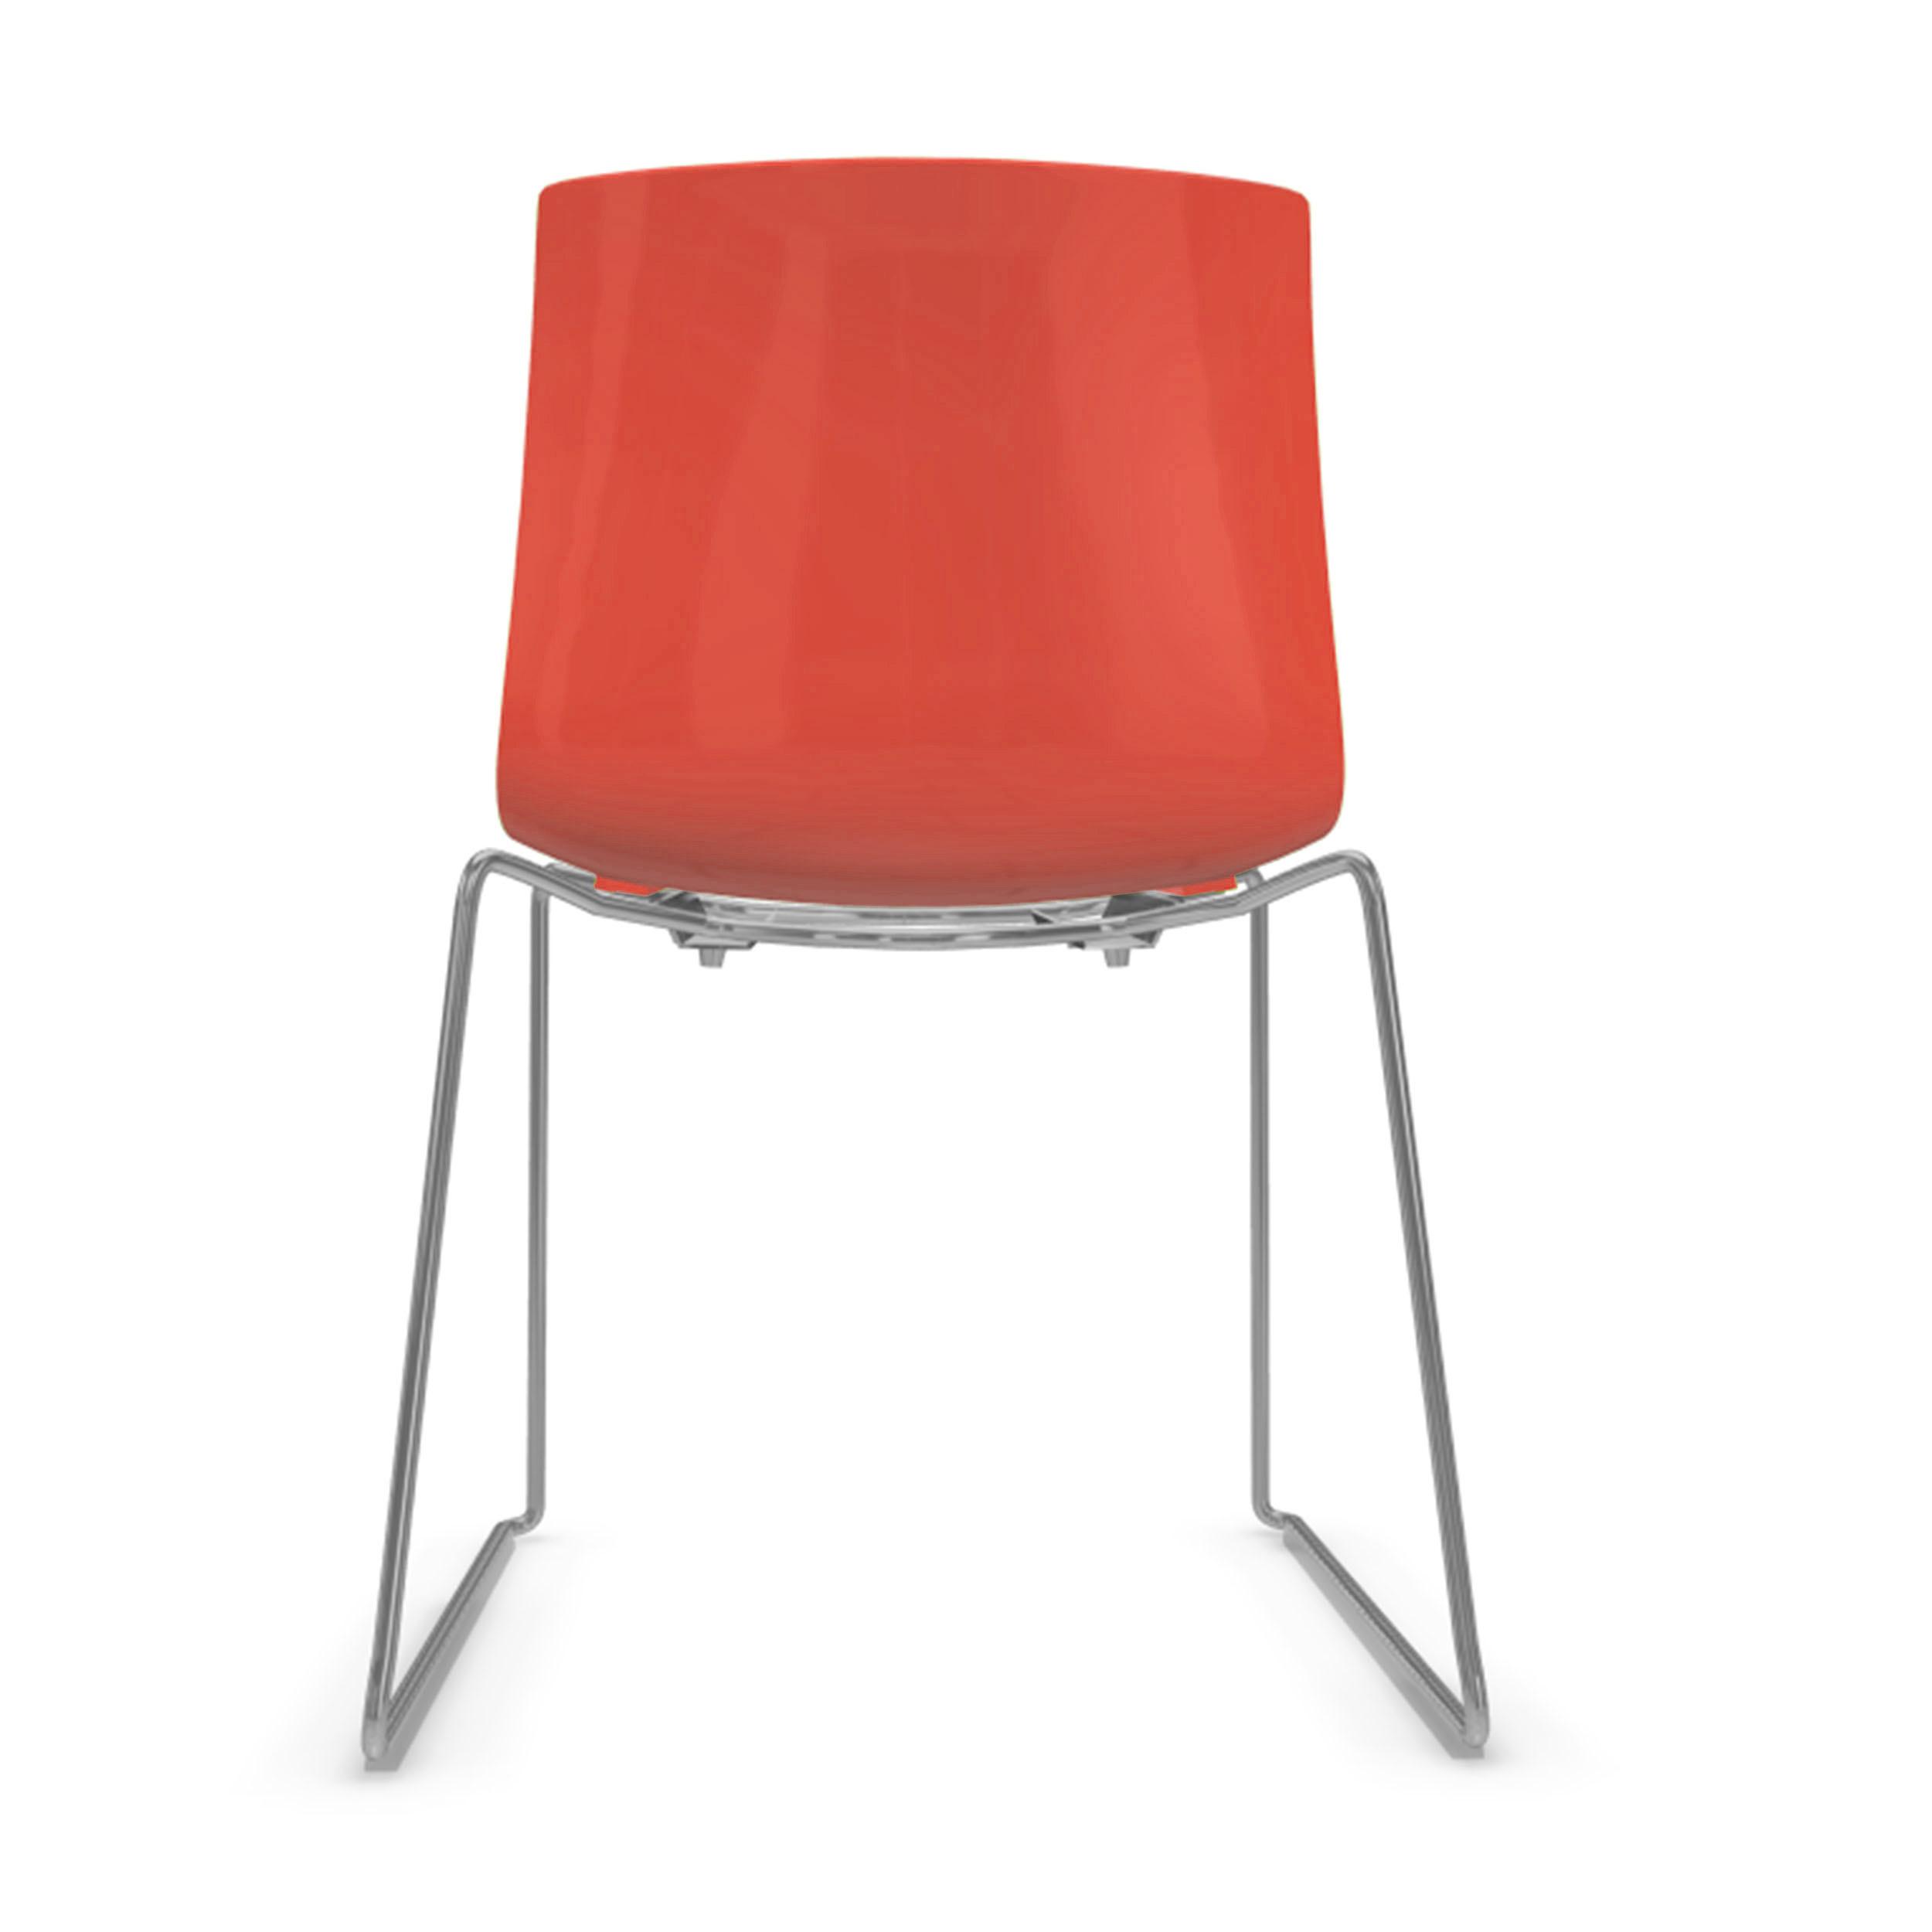 Catifa 46 Stuhl einfarbig mit verchromten Kufen